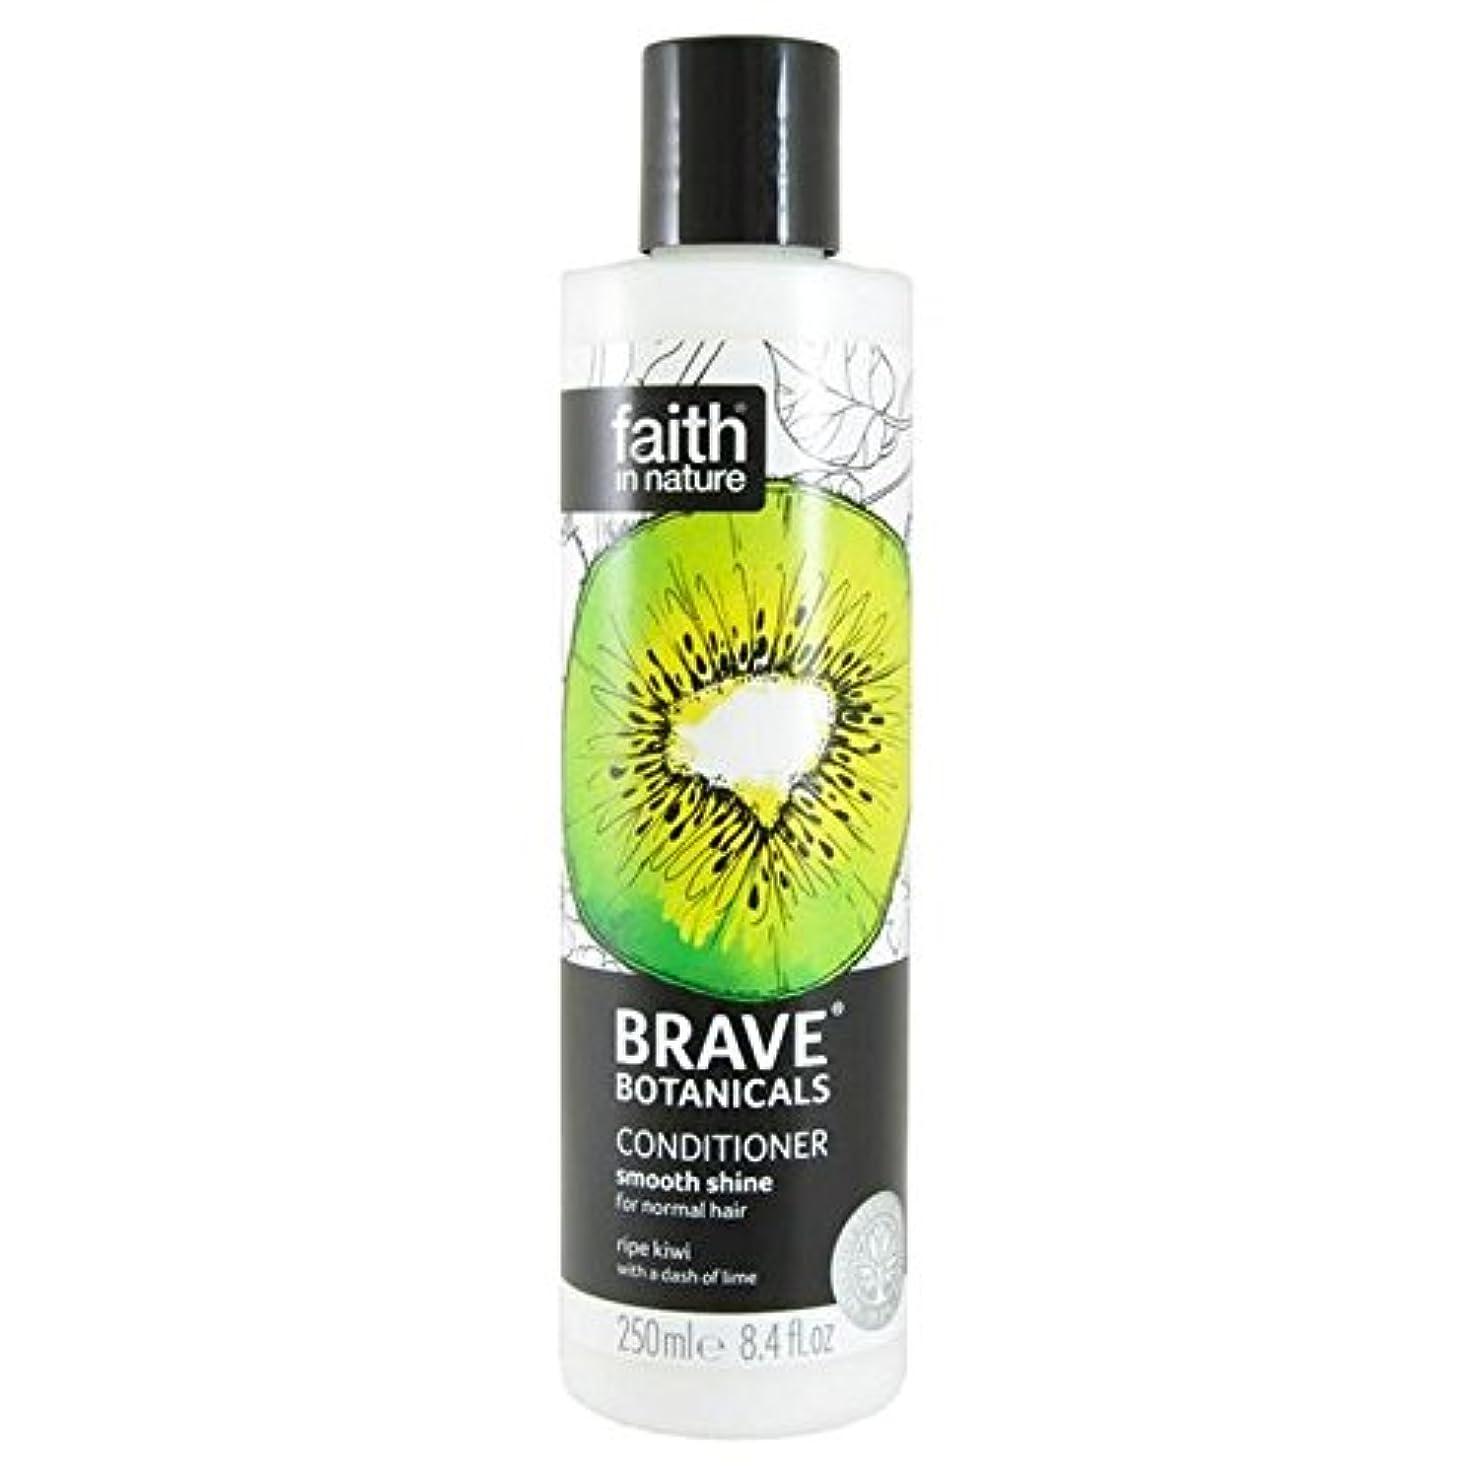 ワイド陪審ニッケルBrave Botanicals Kiwi & Lime Smooth Shine Conditioner 250ml (Pack of 4) - (Faith In Nature) 勇敢な植物キウイ&ライムなめらかな輝...